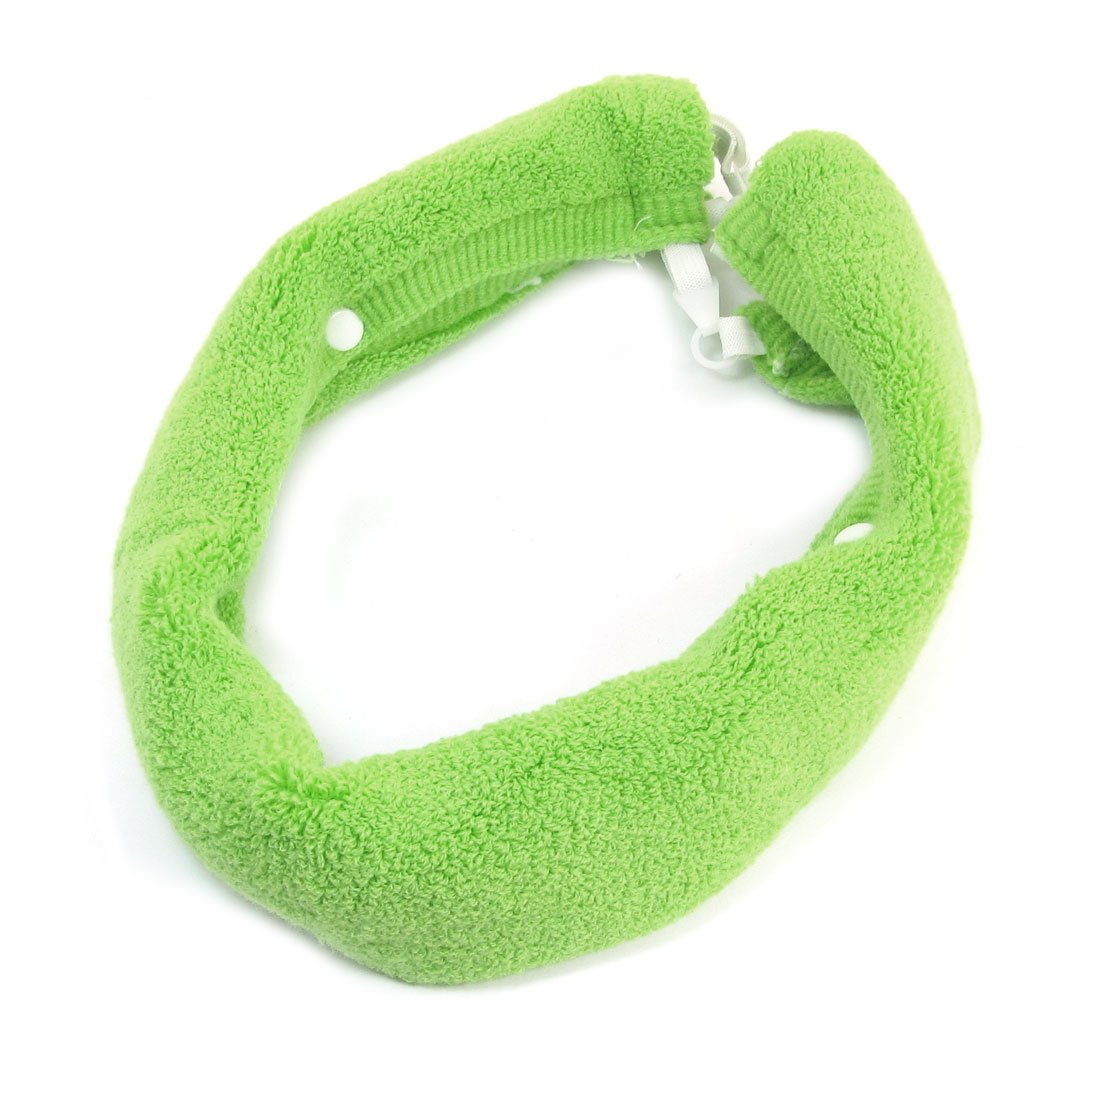 Cofa Санузел многоразовые теплые мягкие Чехлы для сиденья унитаза Коврики Pad Подушки зеленый